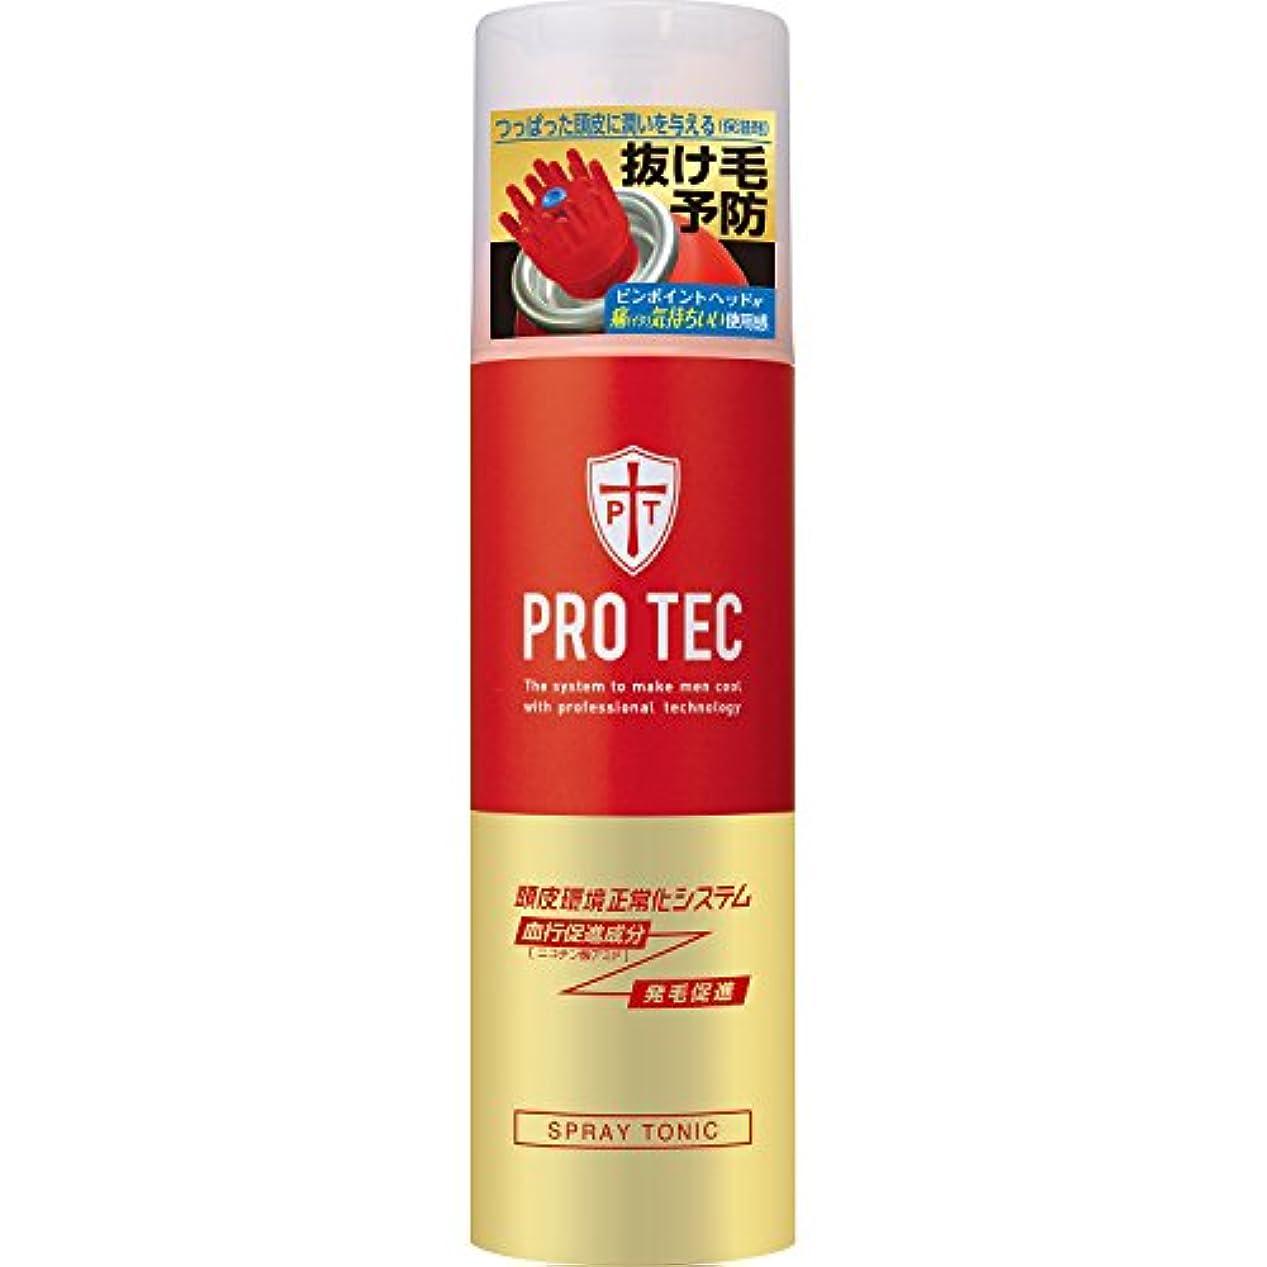 怠惰オークランド血まみれPRO TEC(プロテク) スプレートニック 150g(医薬部外品)